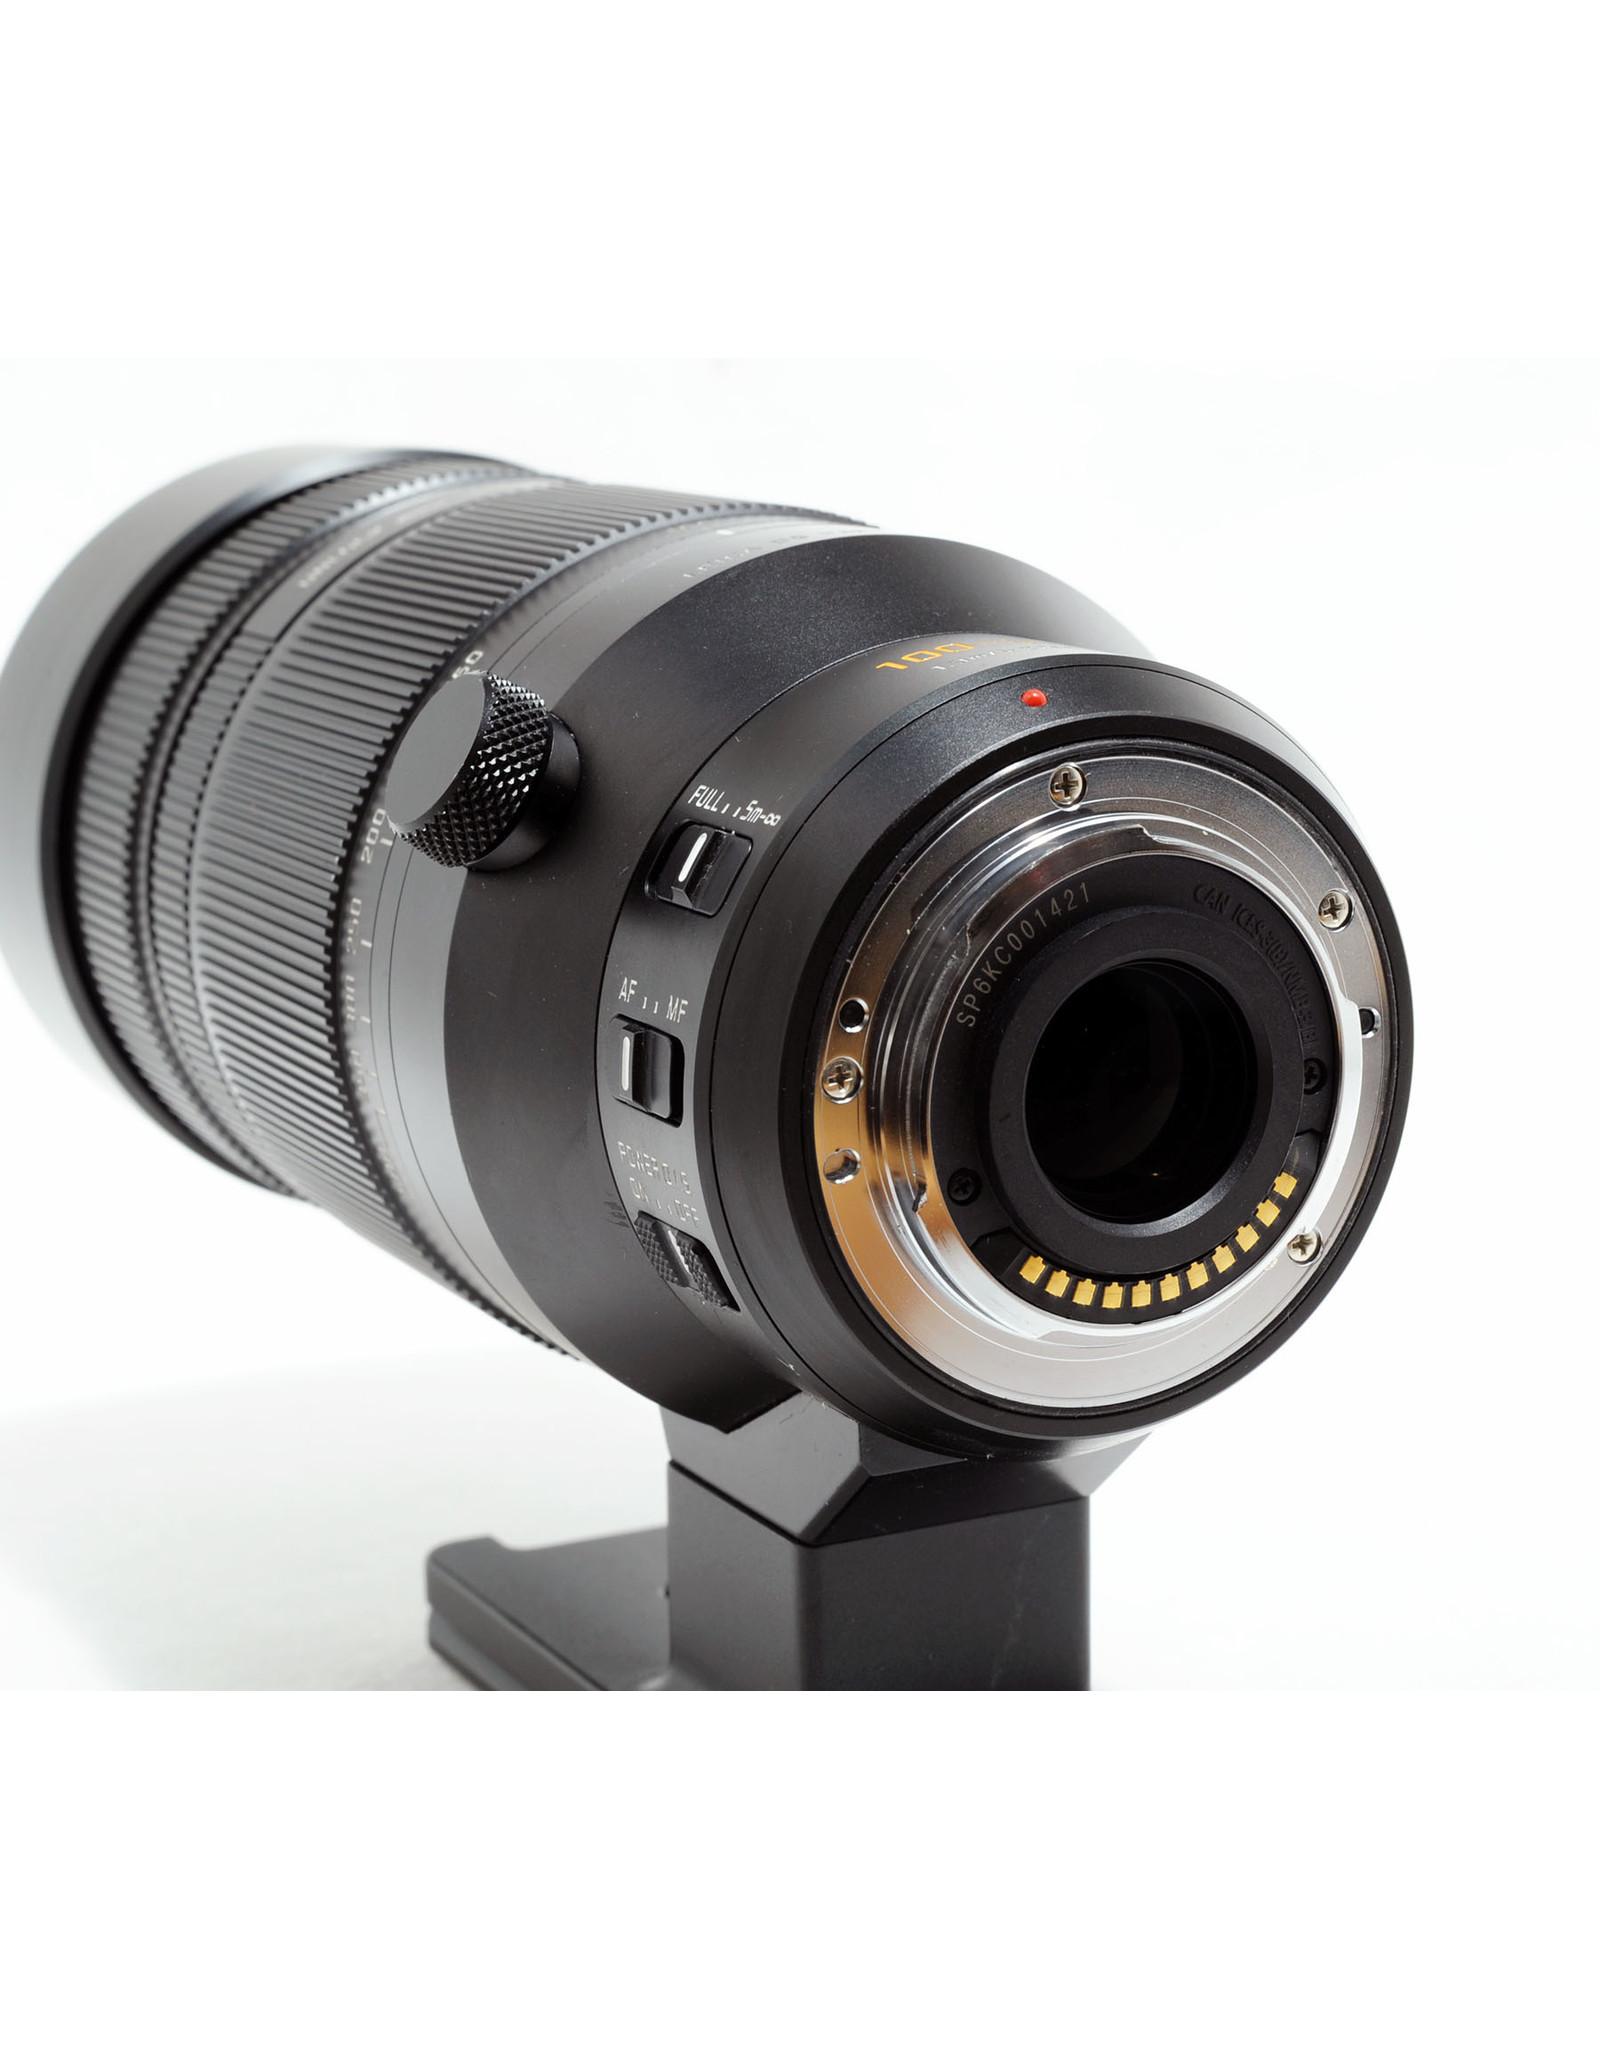 Panasonic 100-400mm f4-6.3 Vario-Elmar DG OIS